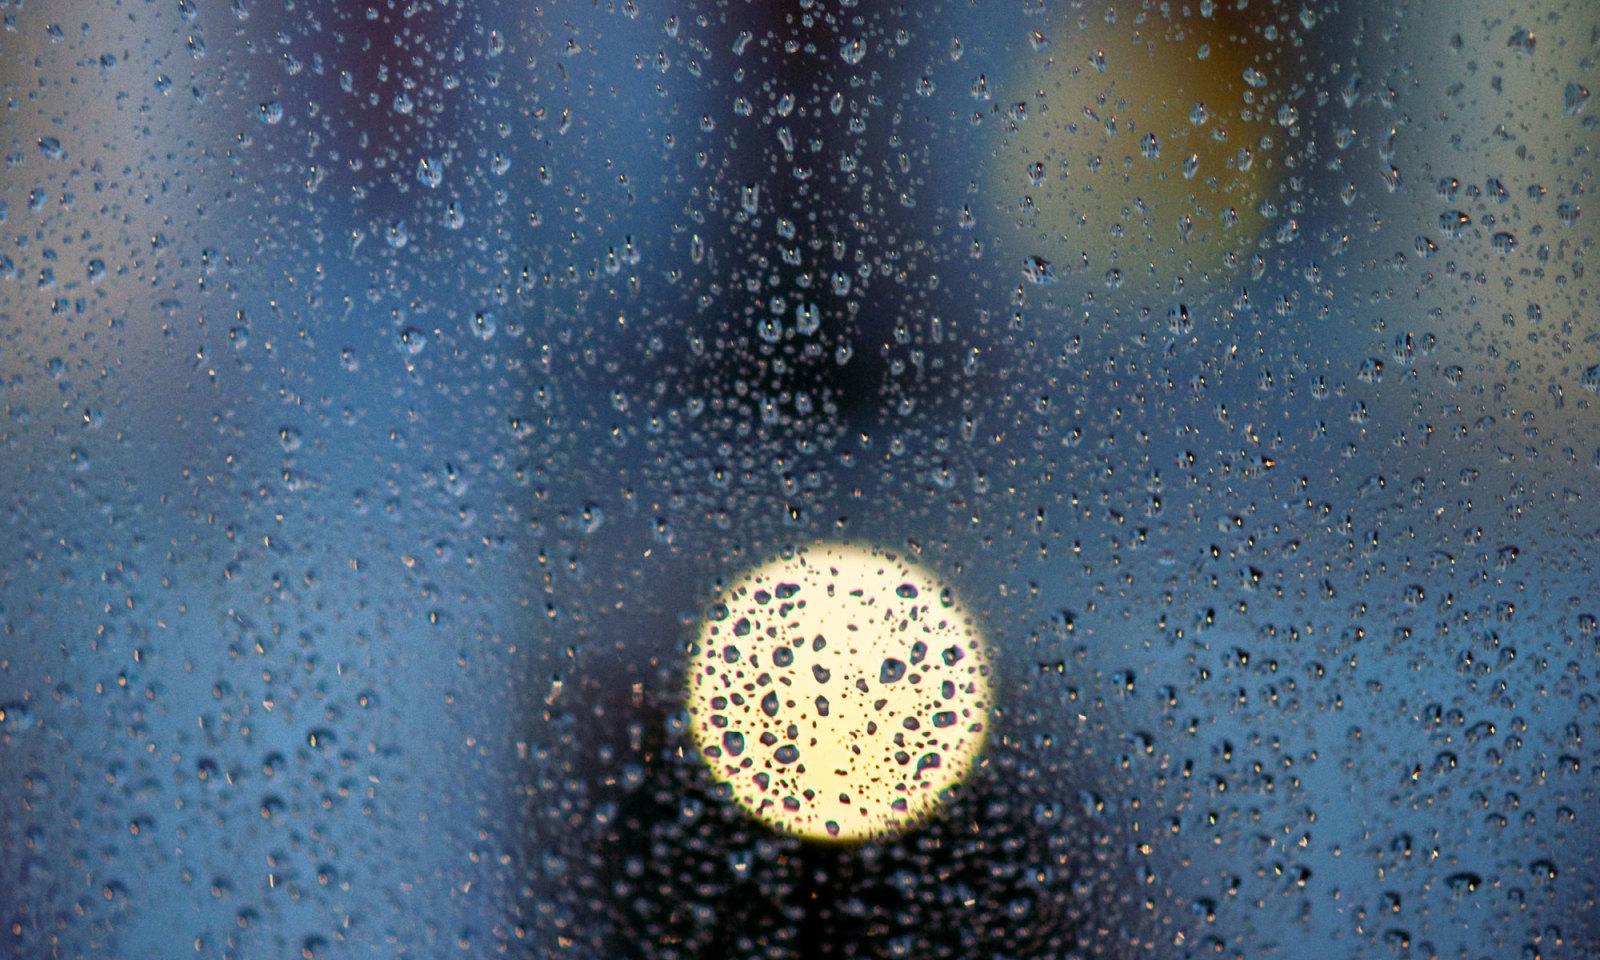 Regentropfen: F#004 aus der Serie Fenster zu Straße